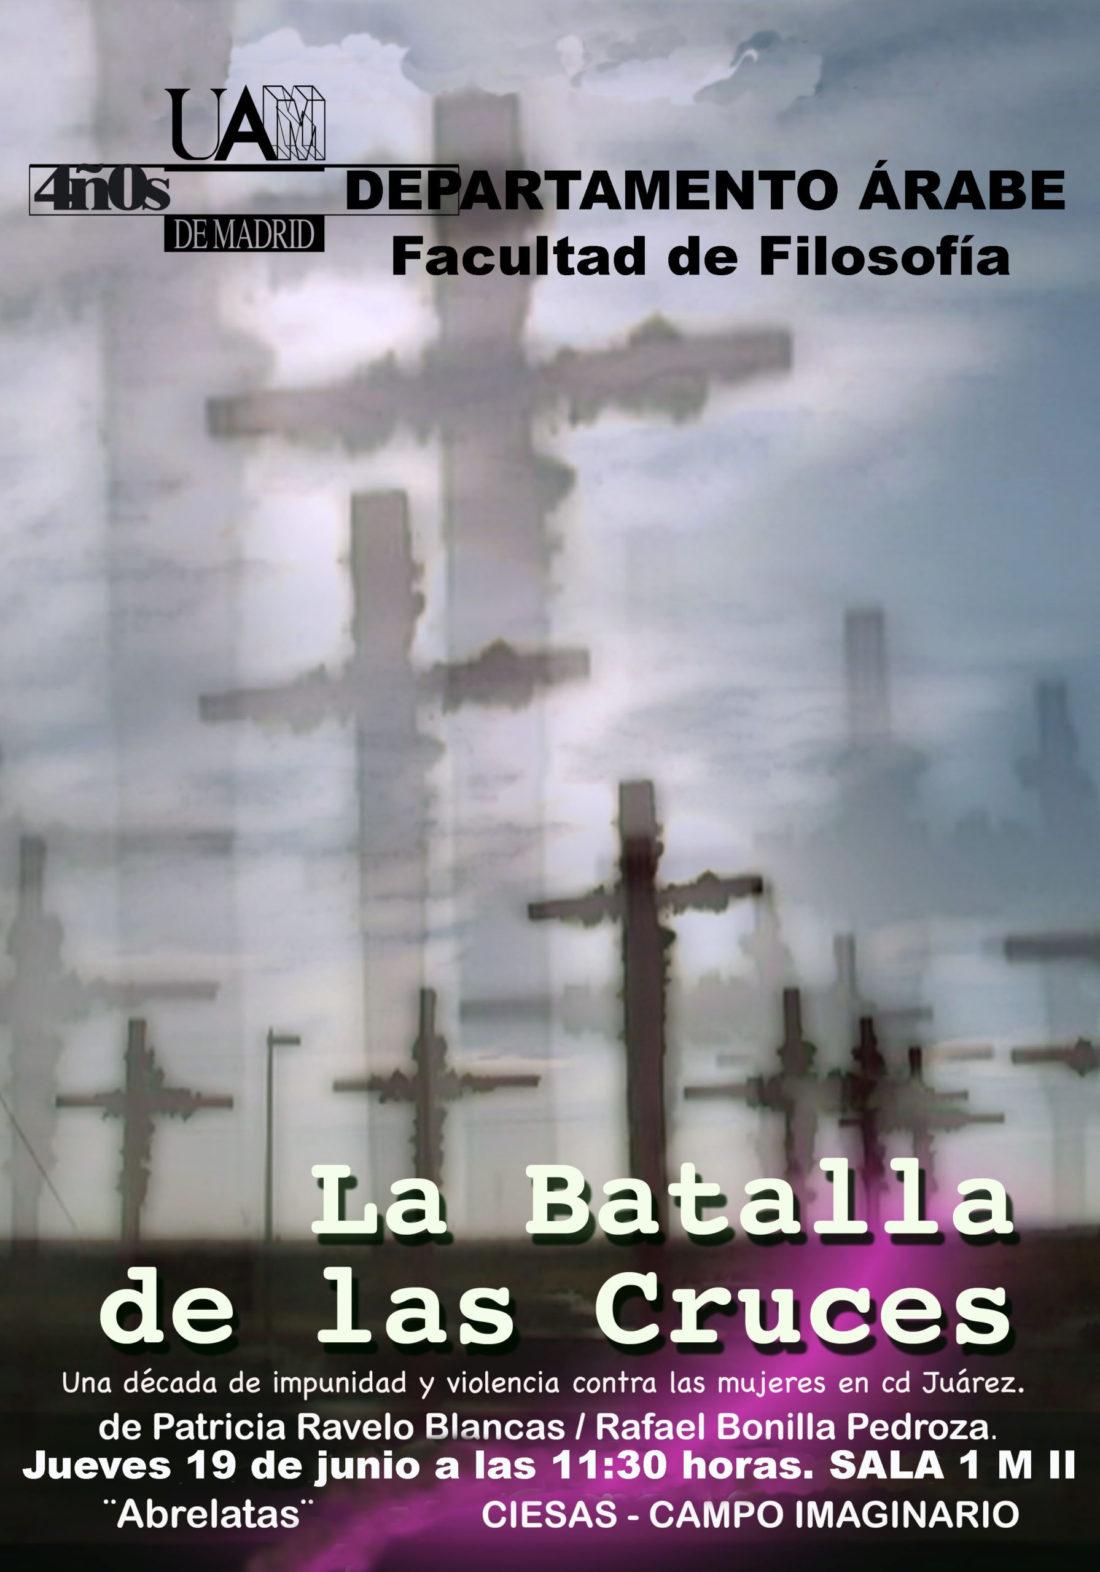 Madrid, 19 de junio: presentación en la UAM del documental «La batalla de las Cruces»